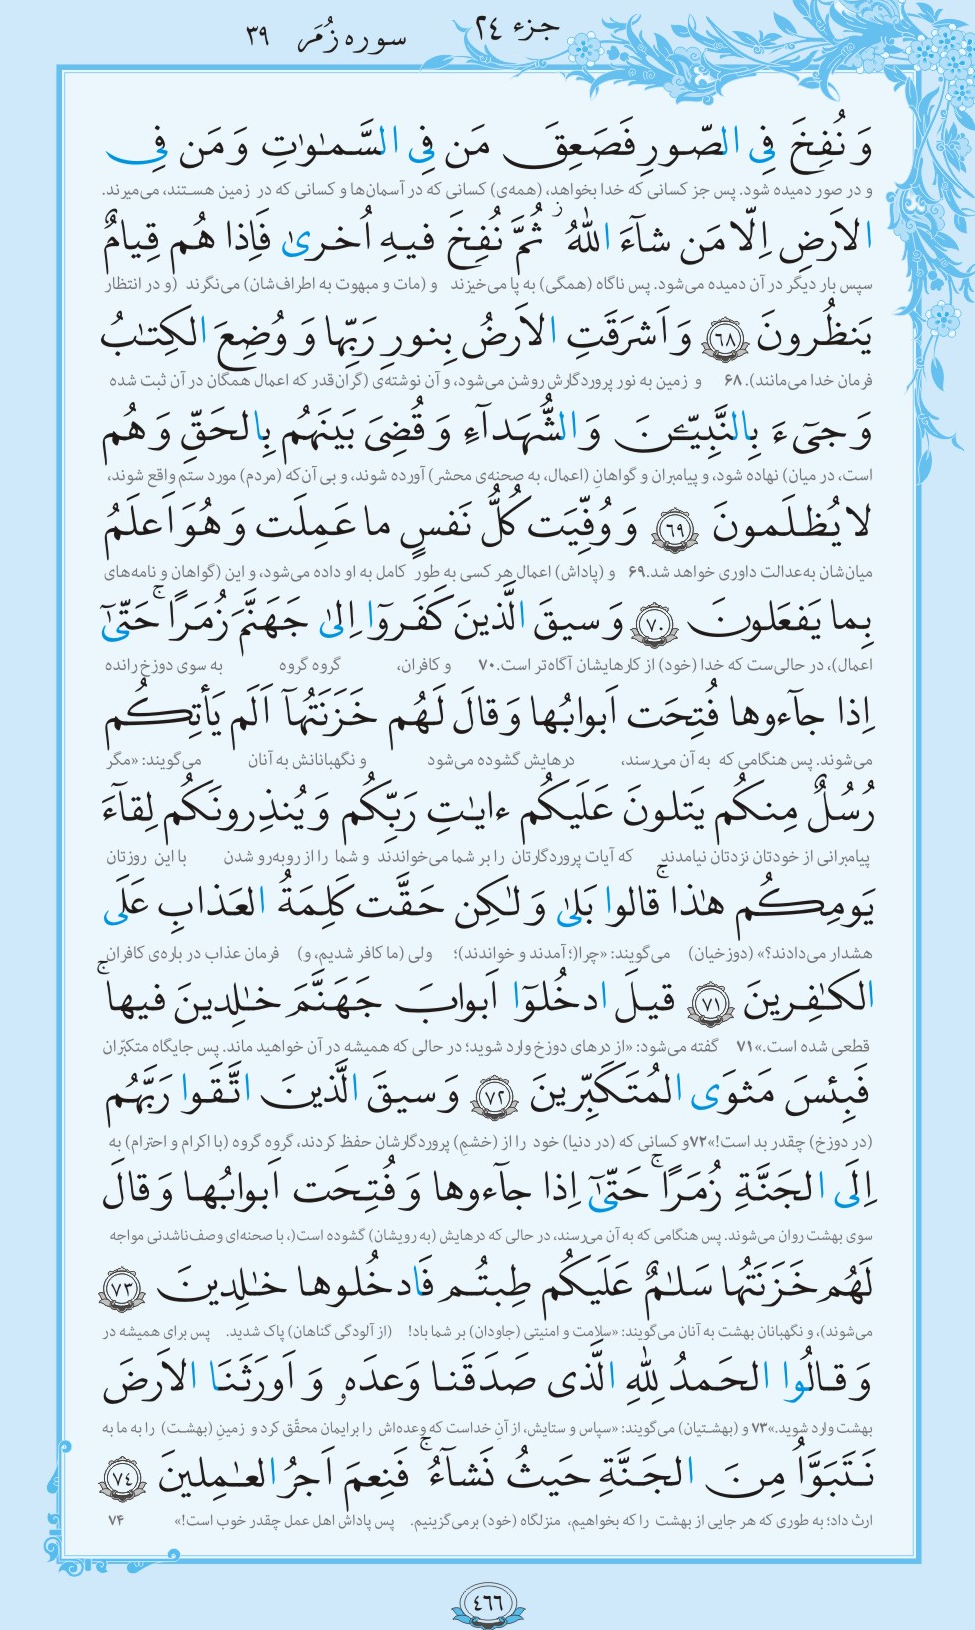 13990606000667 Test NewPhotoFree - ترتیل صفحه ۴۶۶ قرآن باصدای شهریار پرهیزکار+فیلم و متن آیات